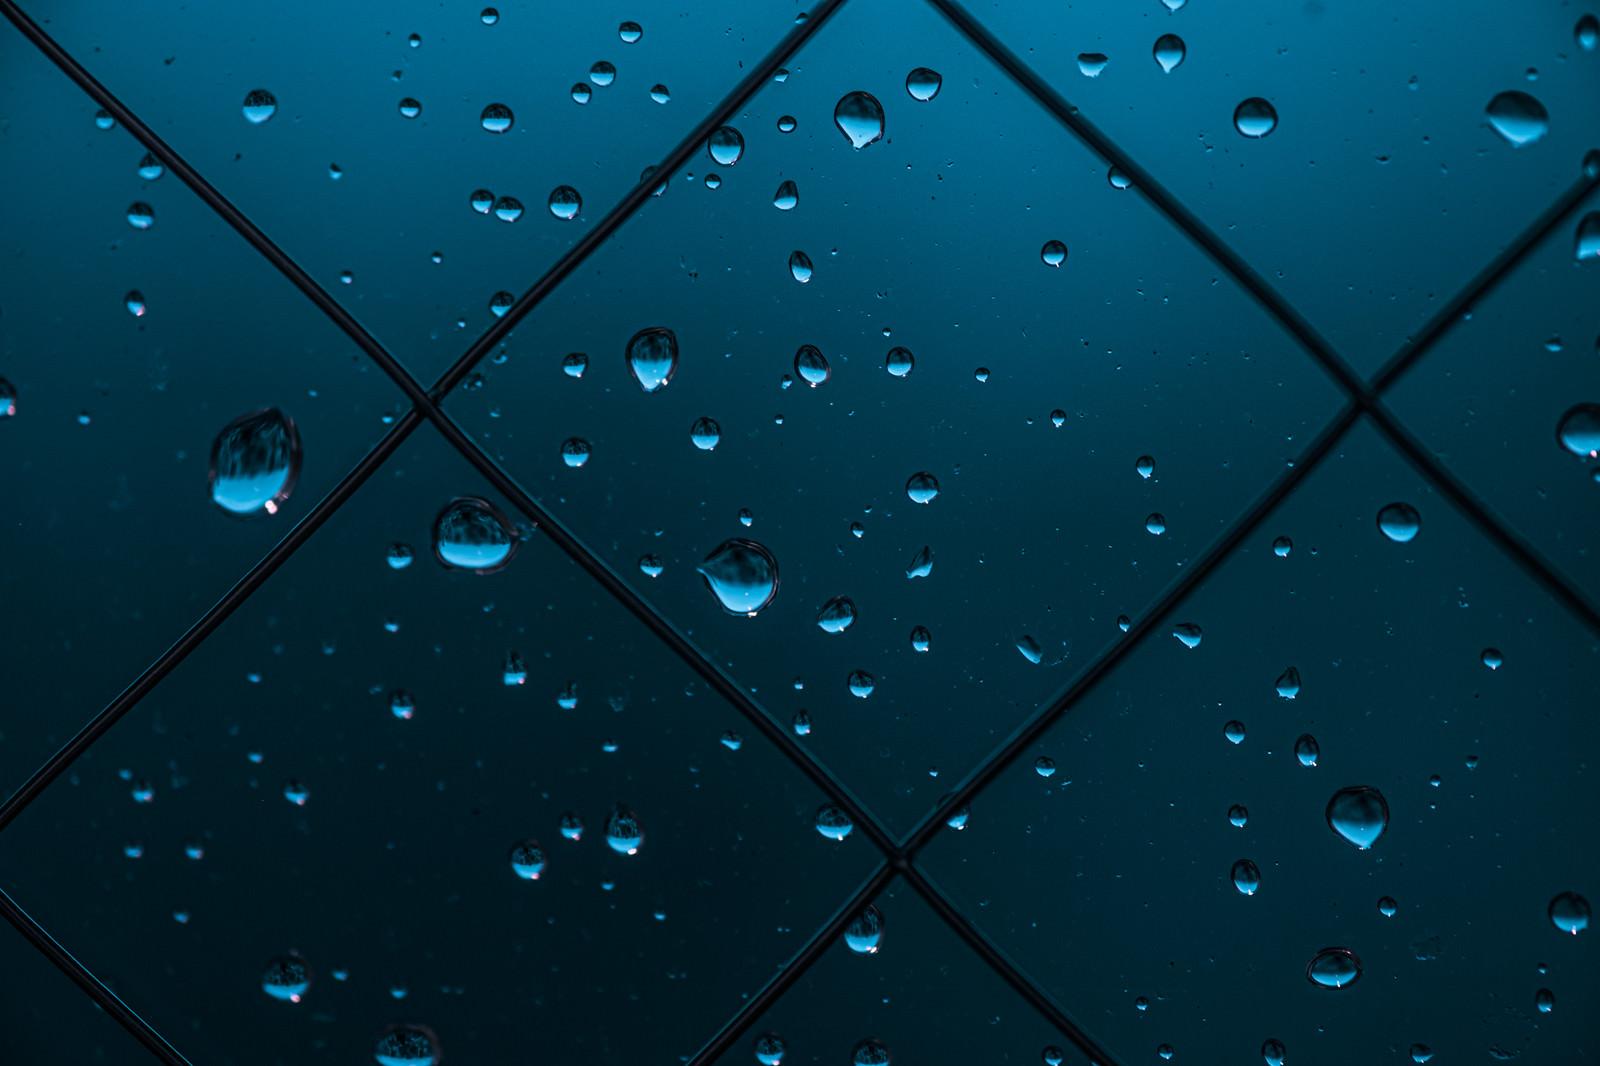 「窓と雨の水滴」の写真